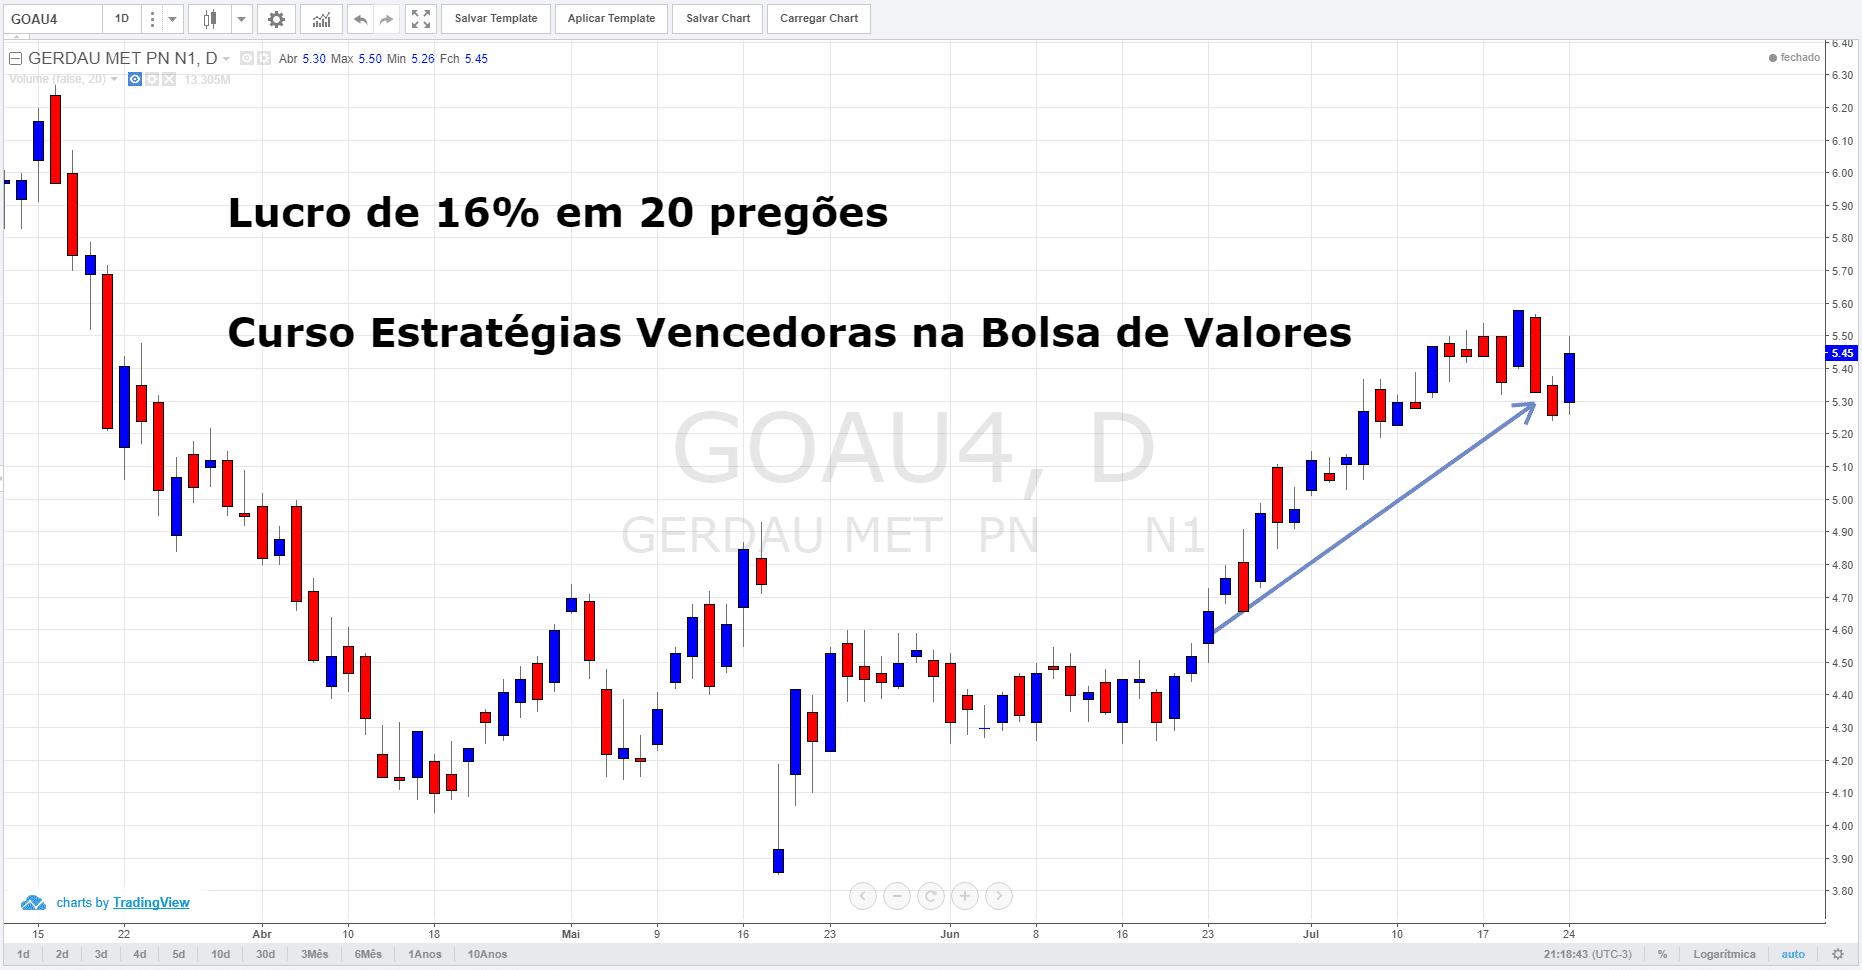 lUCRO DE 16% EM goau4 ESTRATÉGIAS VENCEDORAS